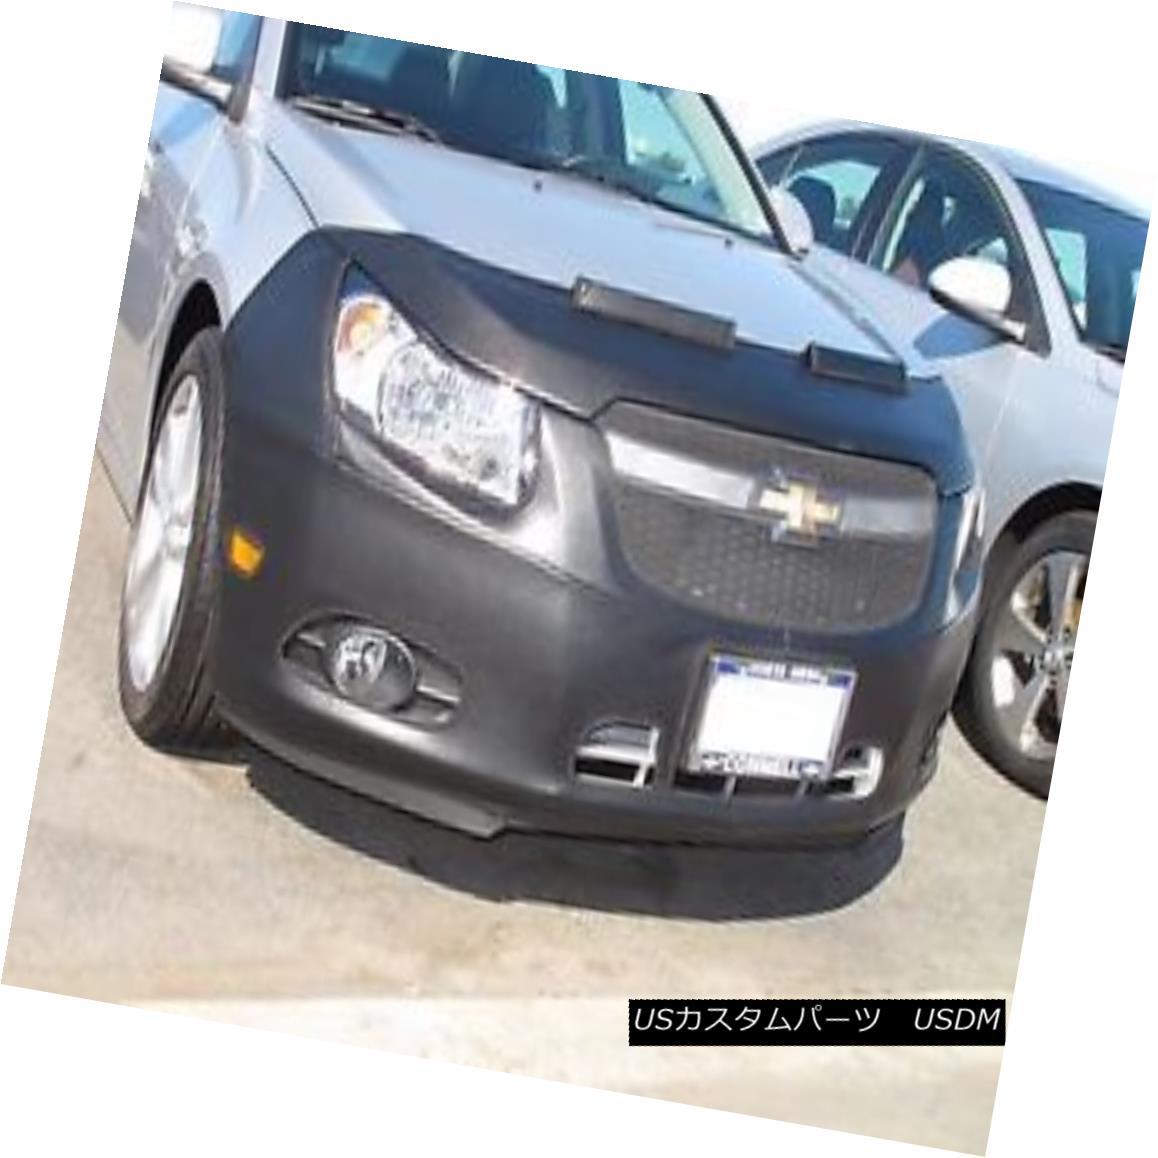 フルブラ ノーズブラ Colgan Front End Mask Bra 2pc. Fits Chevy Cruze 2011-2014 with License Plate コルガンフロントエンドマスクブラ2pc シェビークルーズ2011-2014にナンバープレート付き